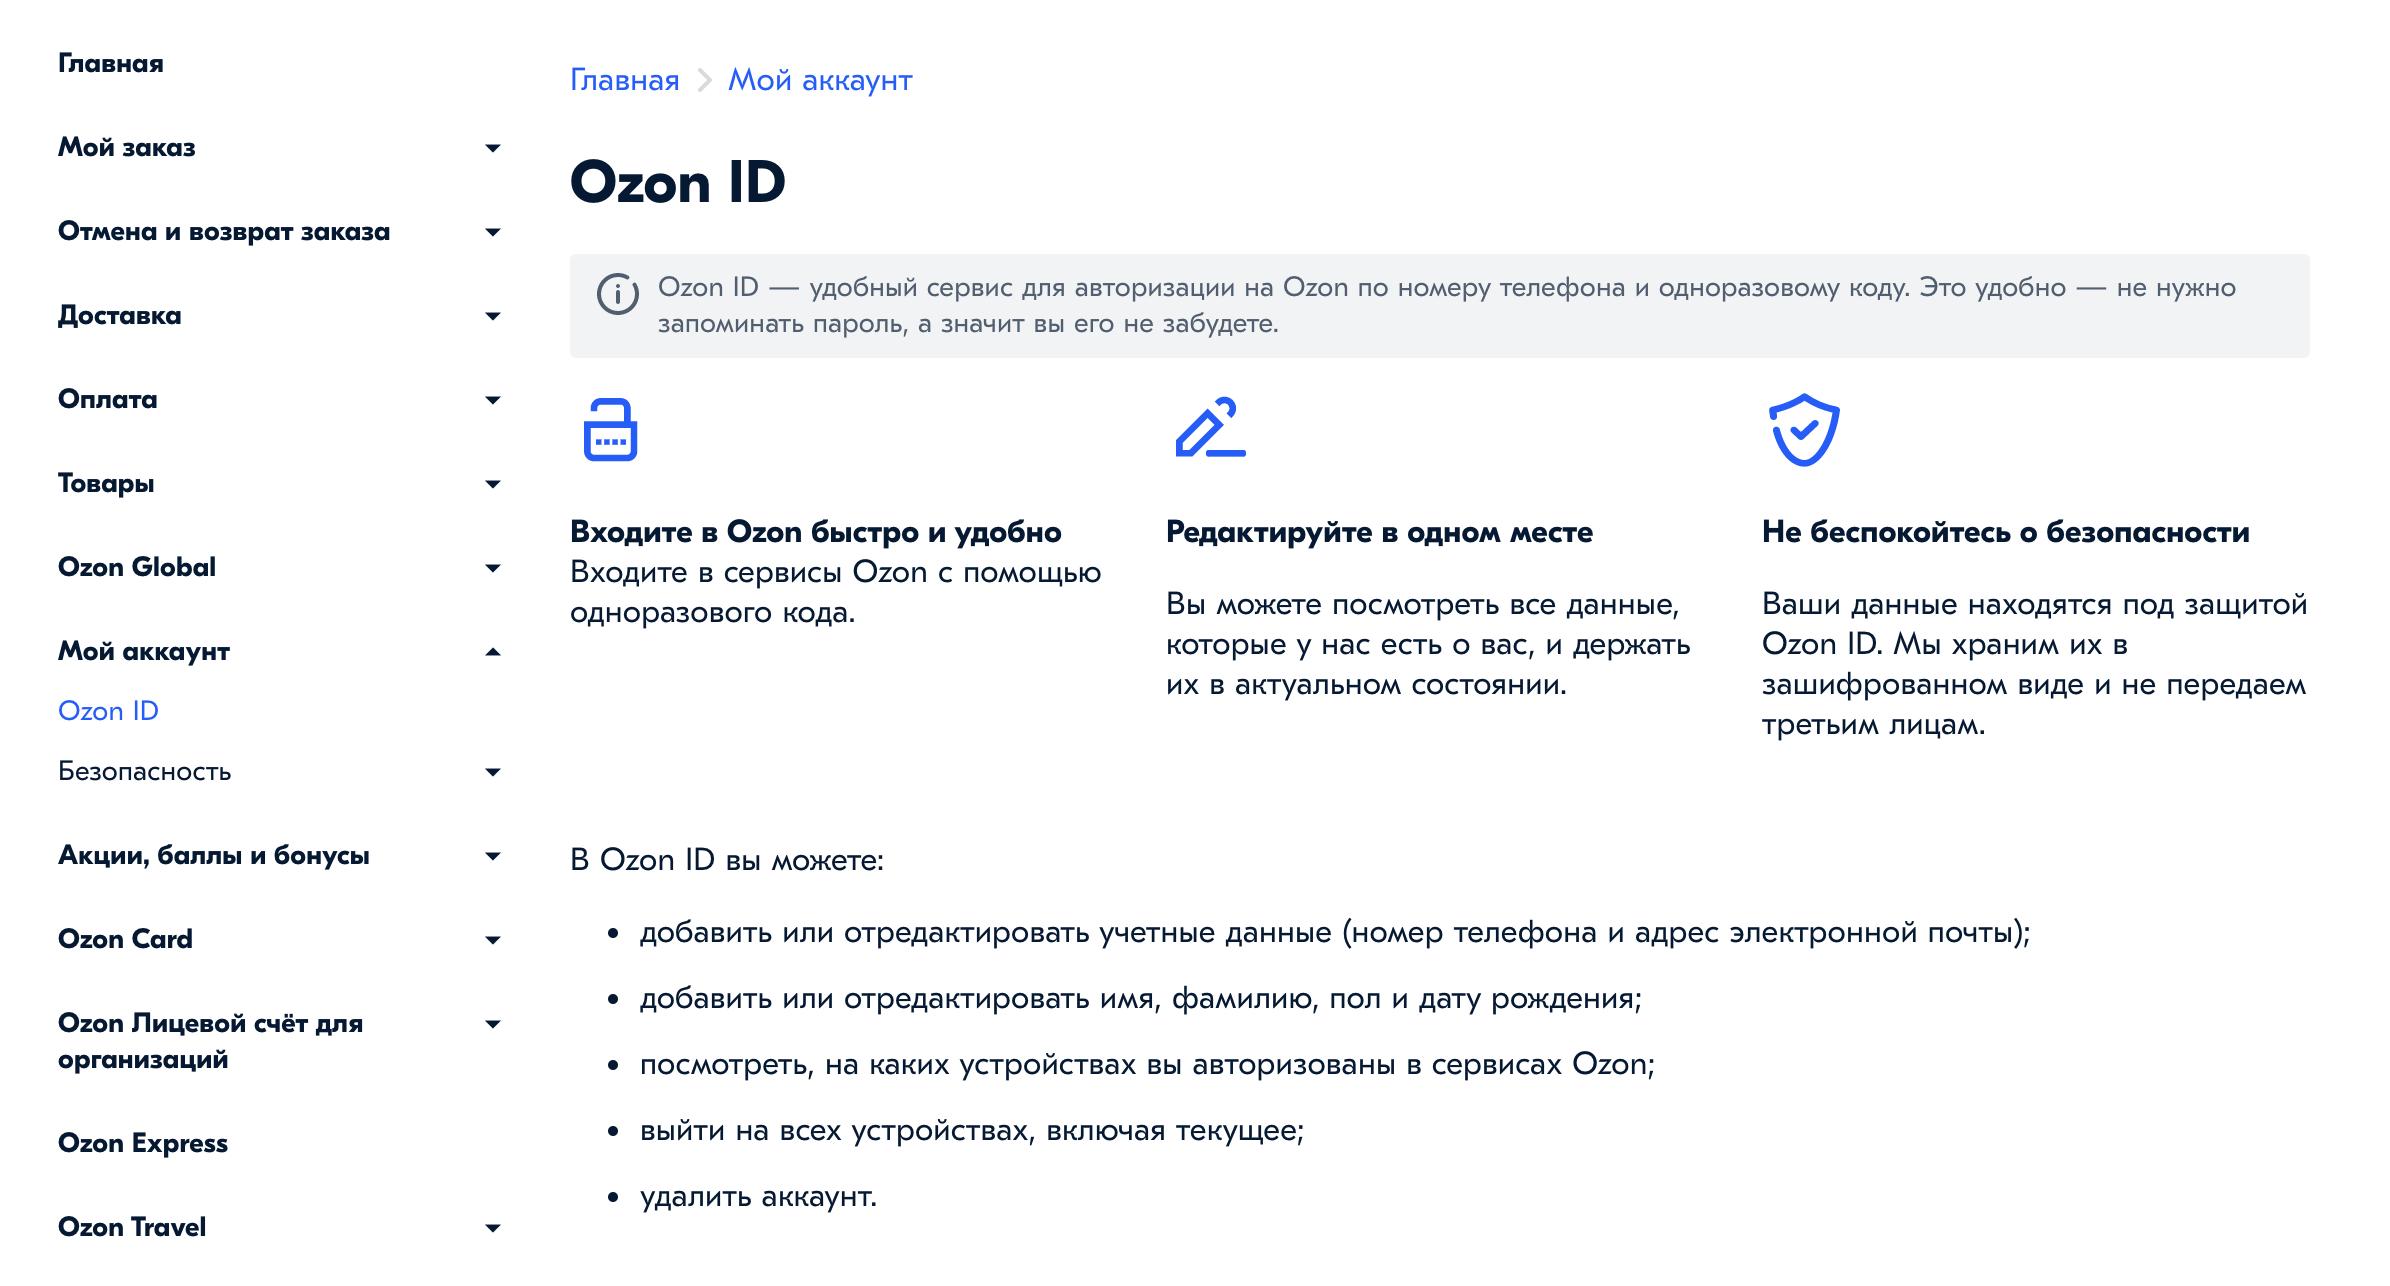 Как восстановить, поменять пароль на Ozon